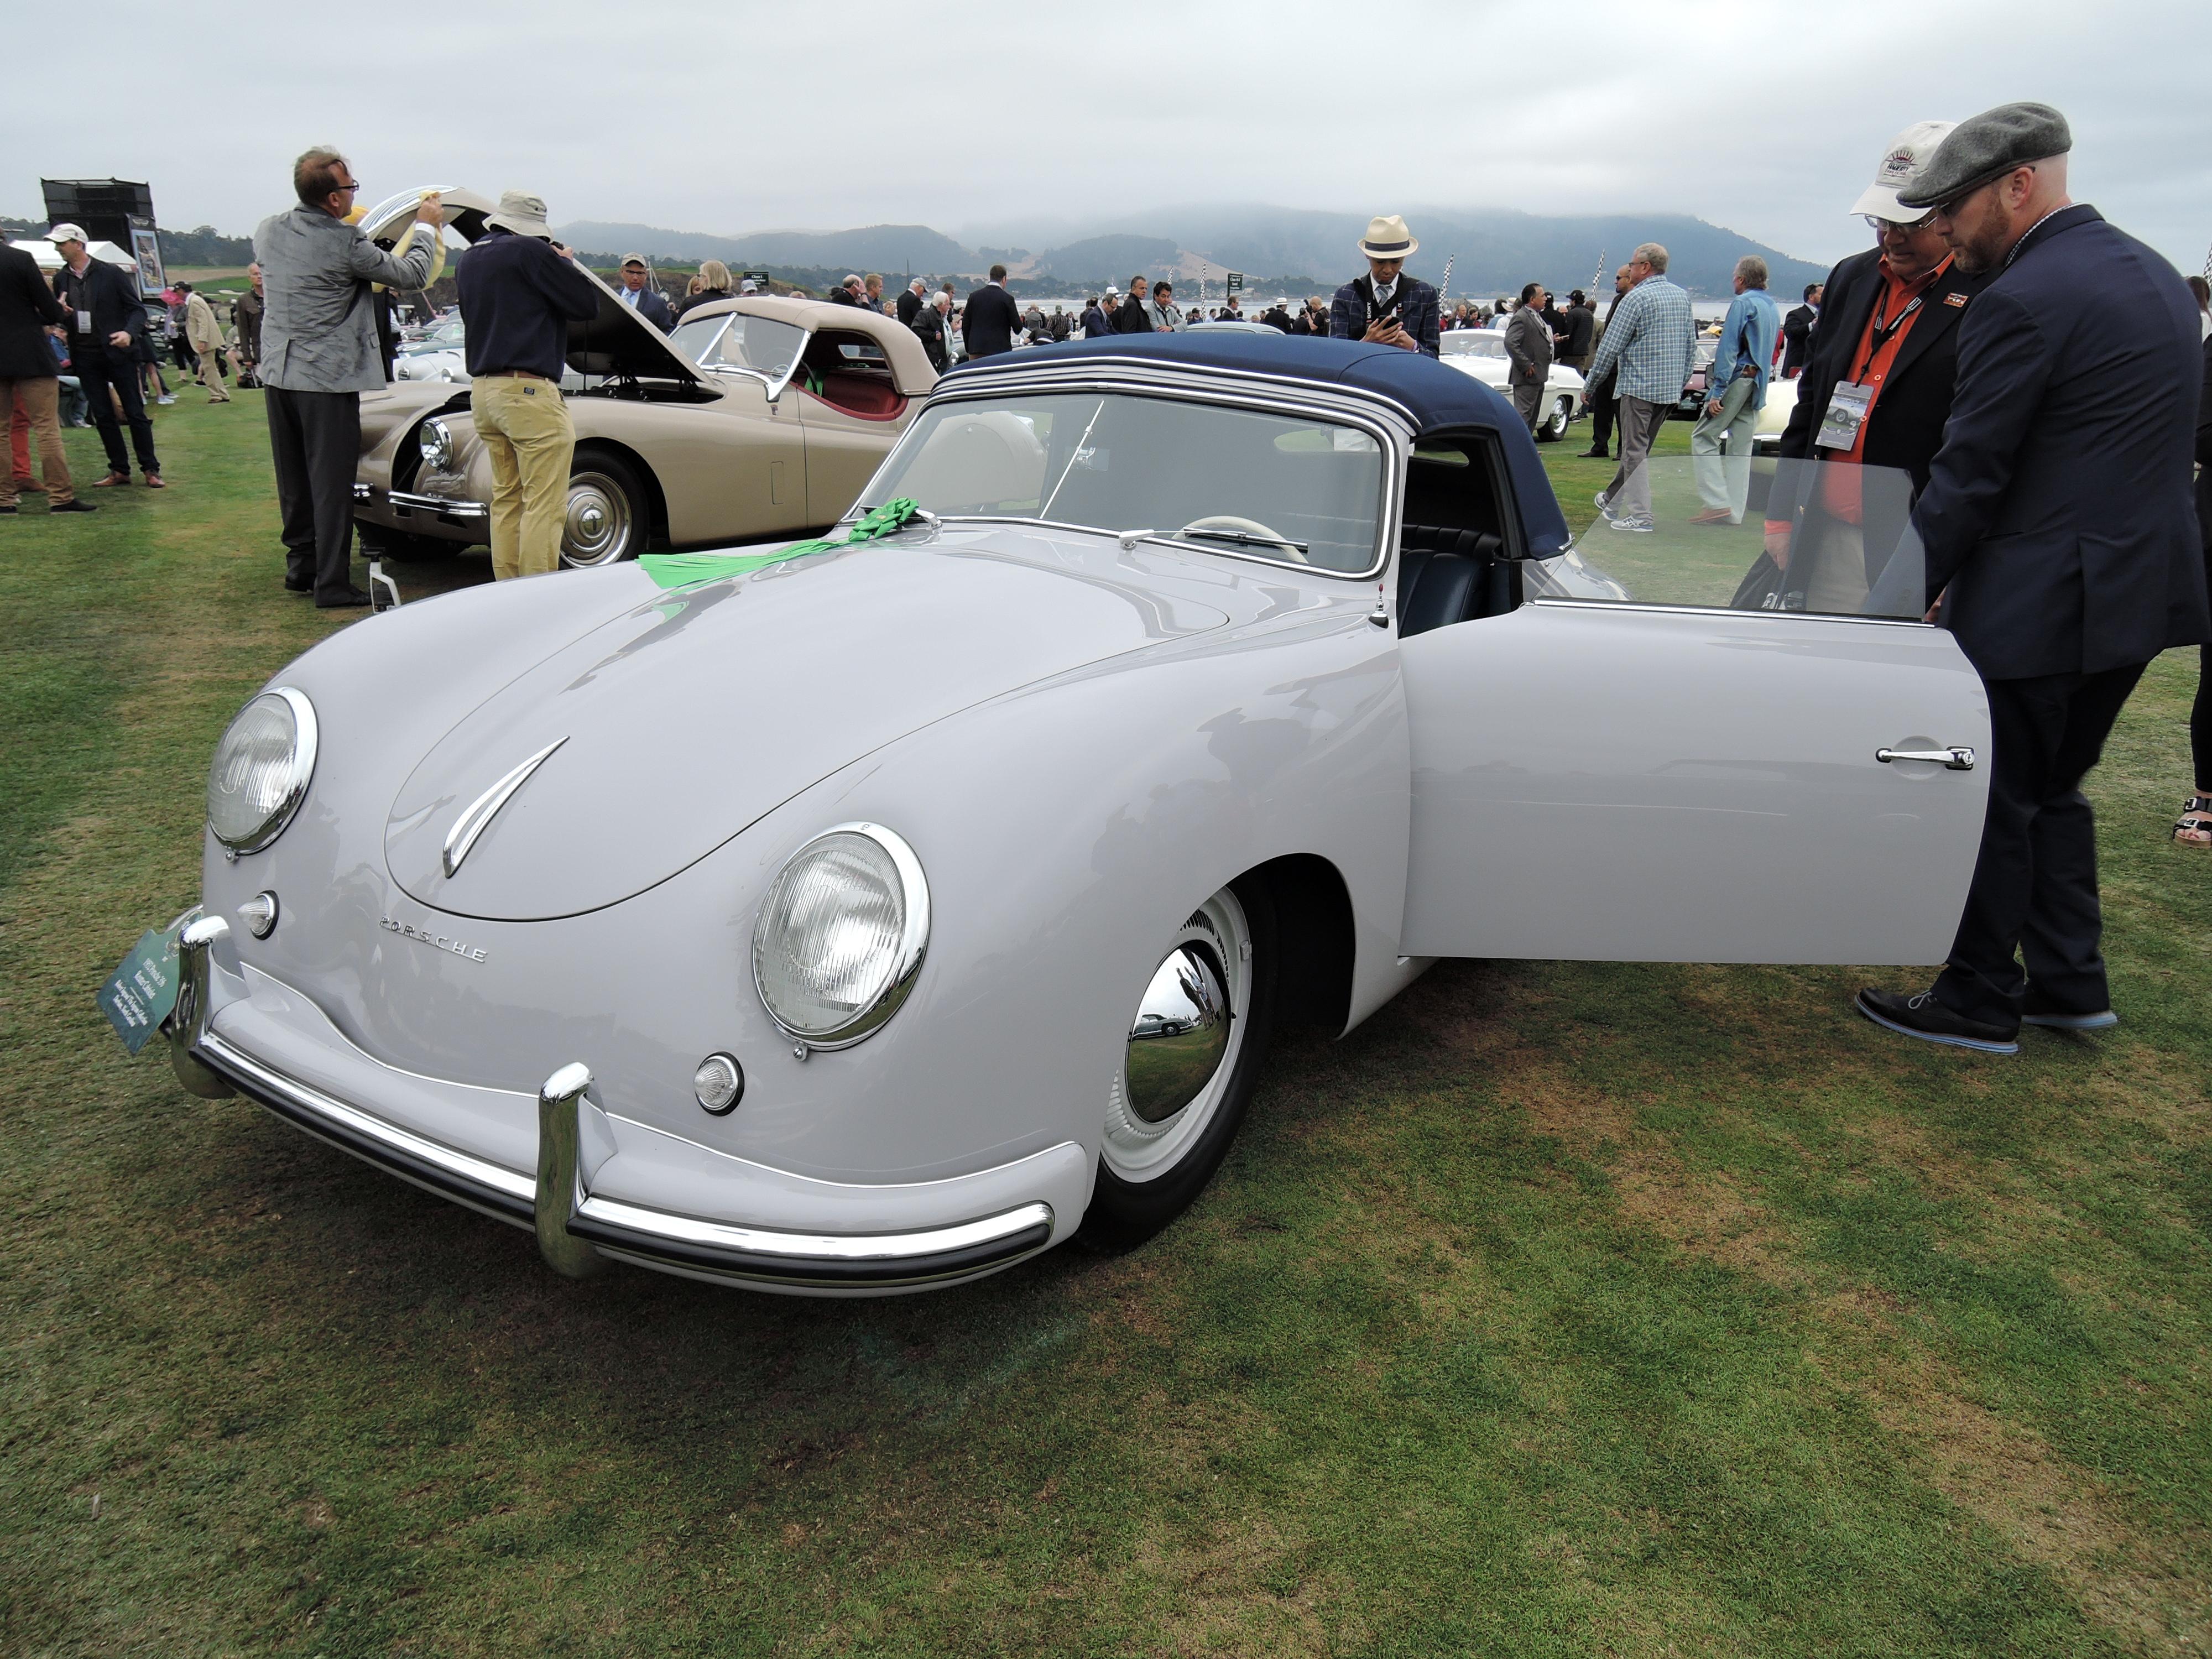 gray 1952 Porsche 356 Reutter Cabriolet - Pebble Beach Concours d'Elegance 2017